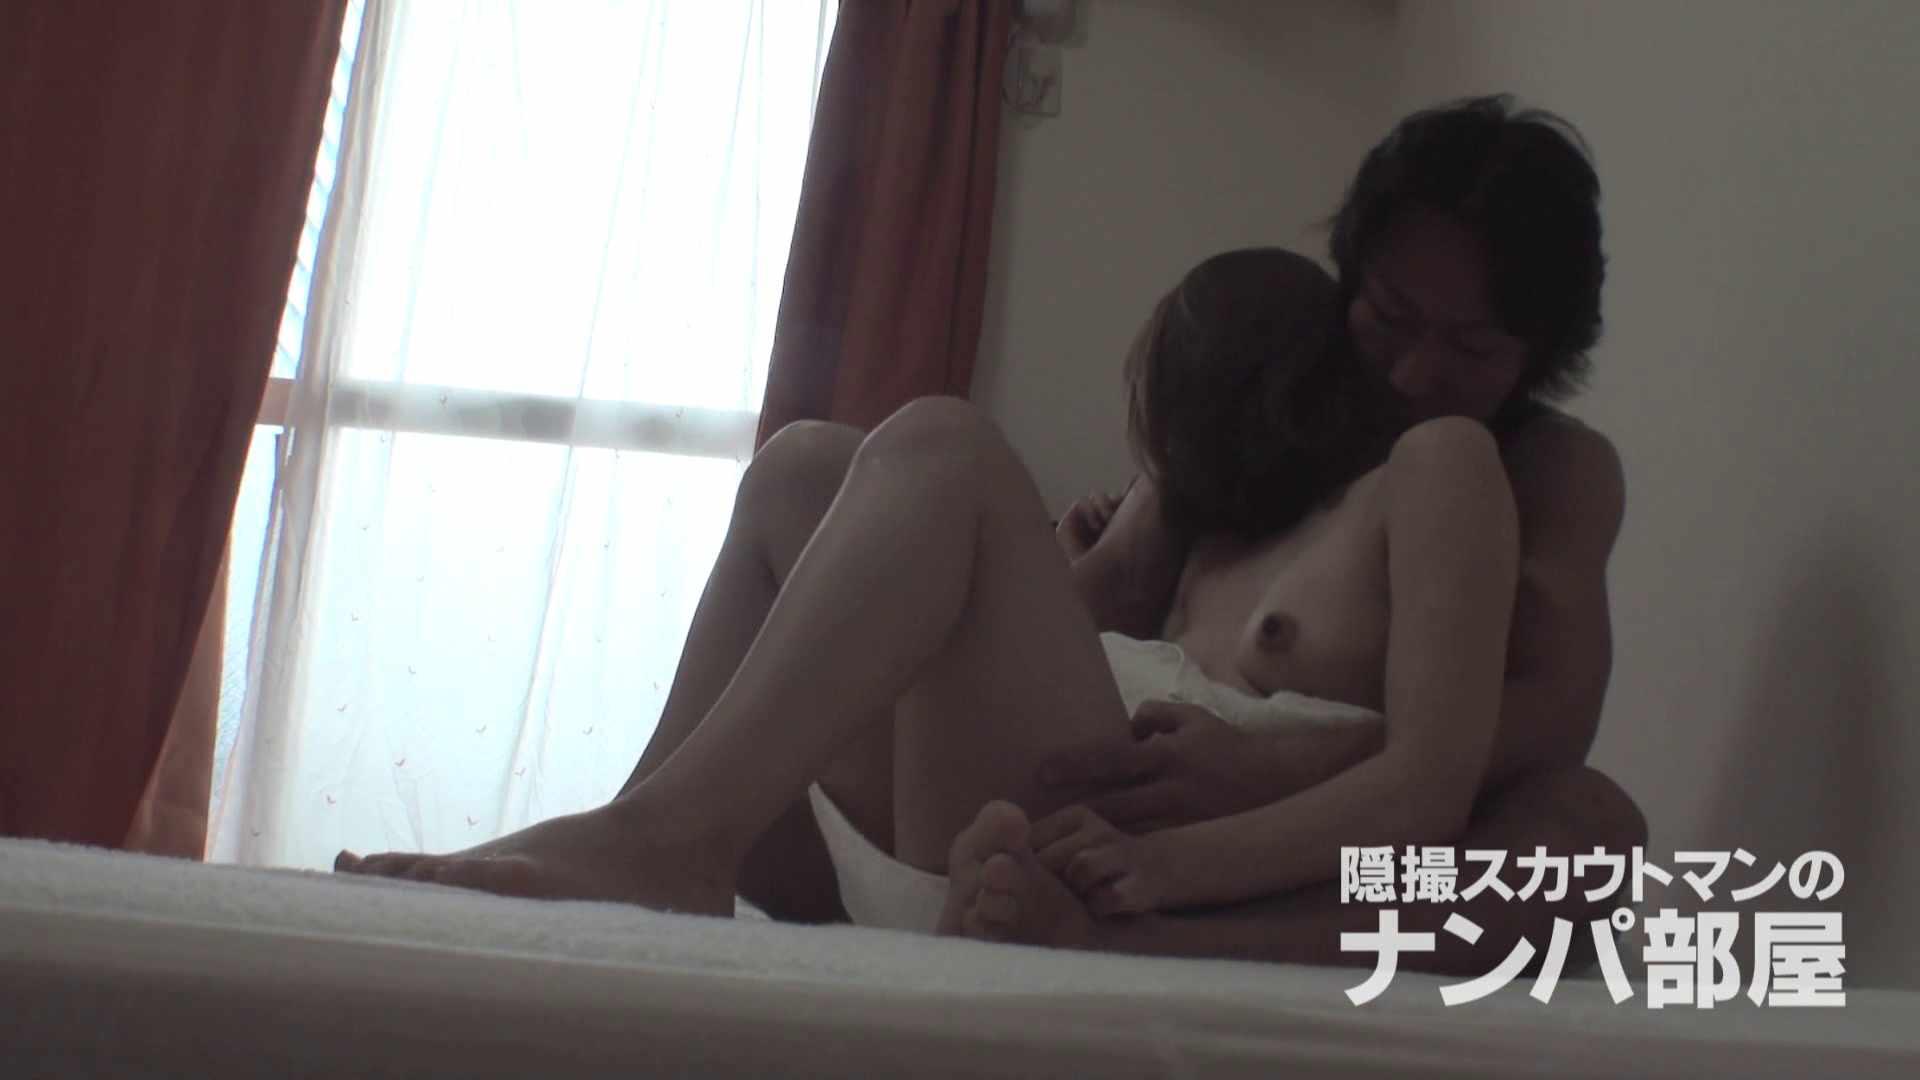 隠撮スカウトマンのナンパ部屋~風俗デビュー前のつまみ食い~ sii 隠撮  84連発 64